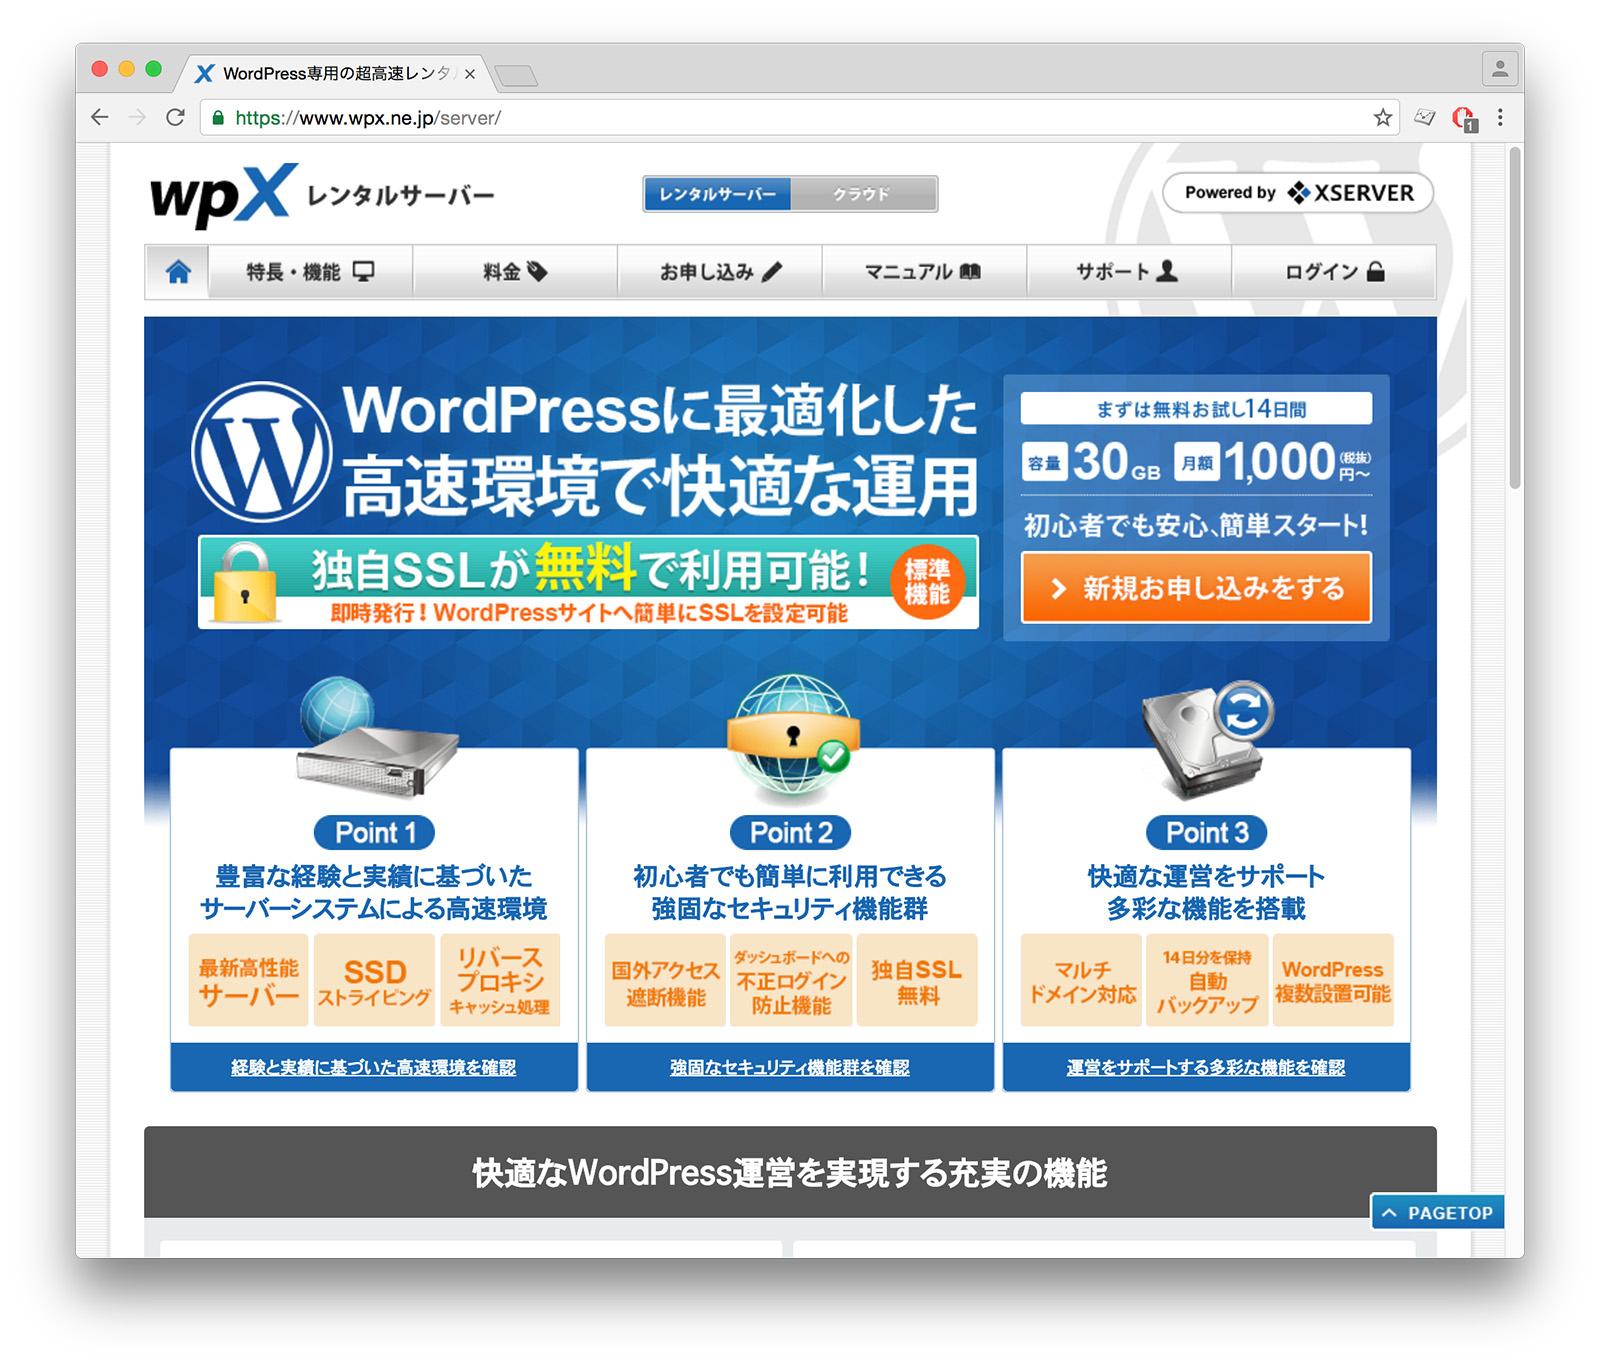 wpXレンタルサーバー 公式サイト